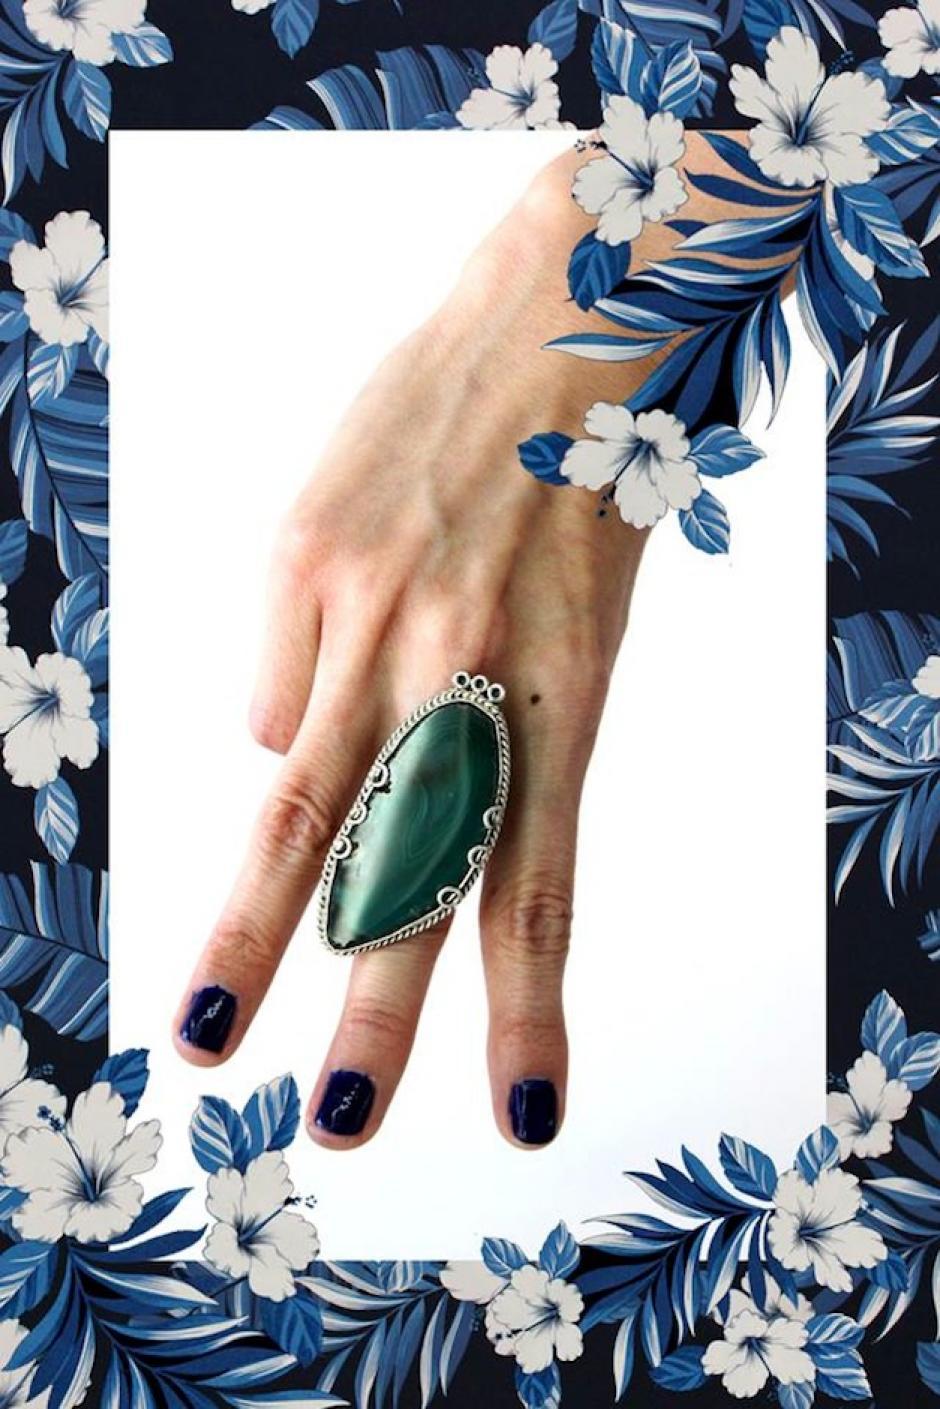 """""""La gran arboleda"""" se compone de ágata verde y plata. (Foto: Escarlata oficial)"""